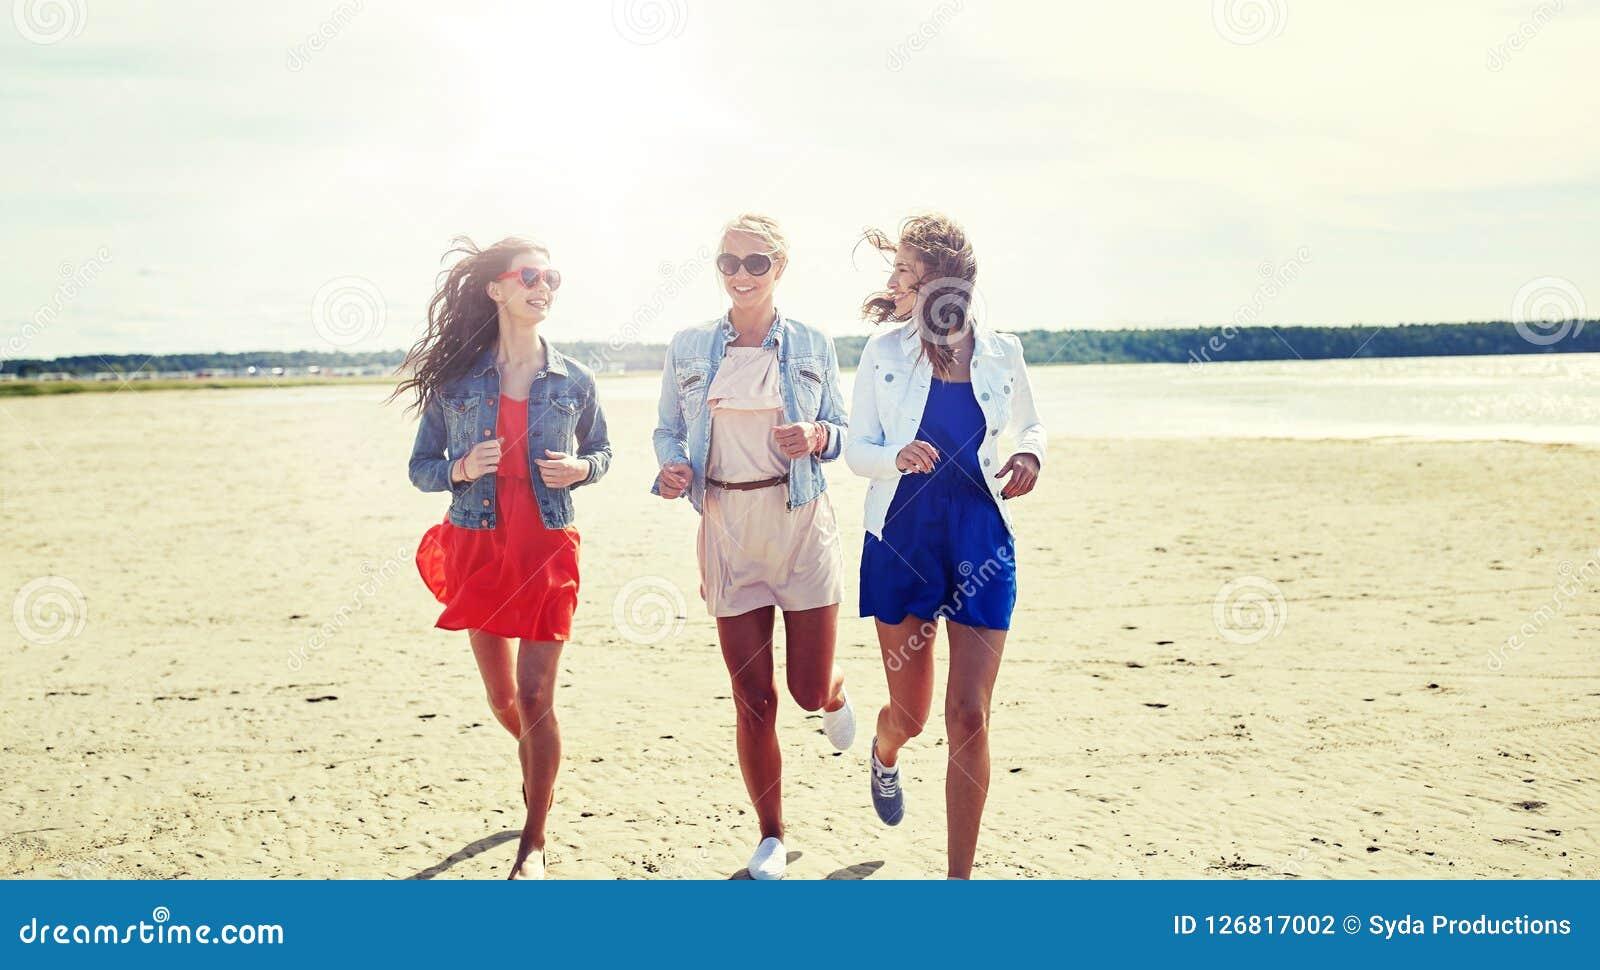 Grupa uśmiechnięte kobiety w okularach przeciwsłonecznych na plaży